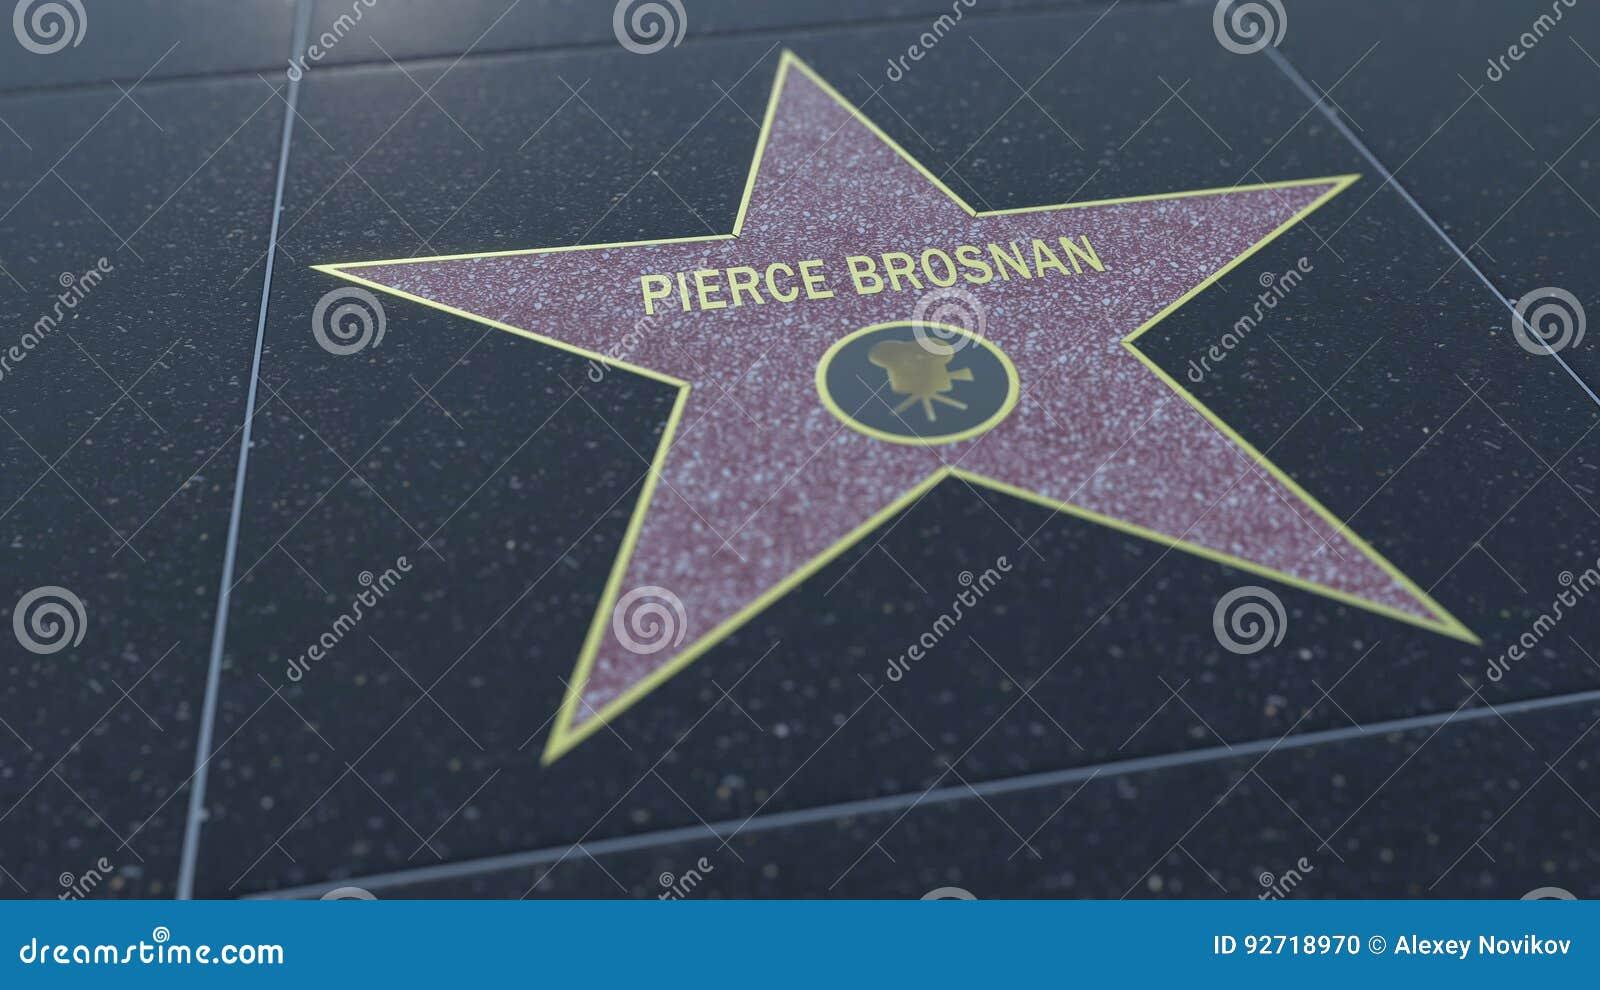 Paseo de Hollywood de la estrella de la fama con la inscripción de PIERCE BROSNAN Representación editorial 3D